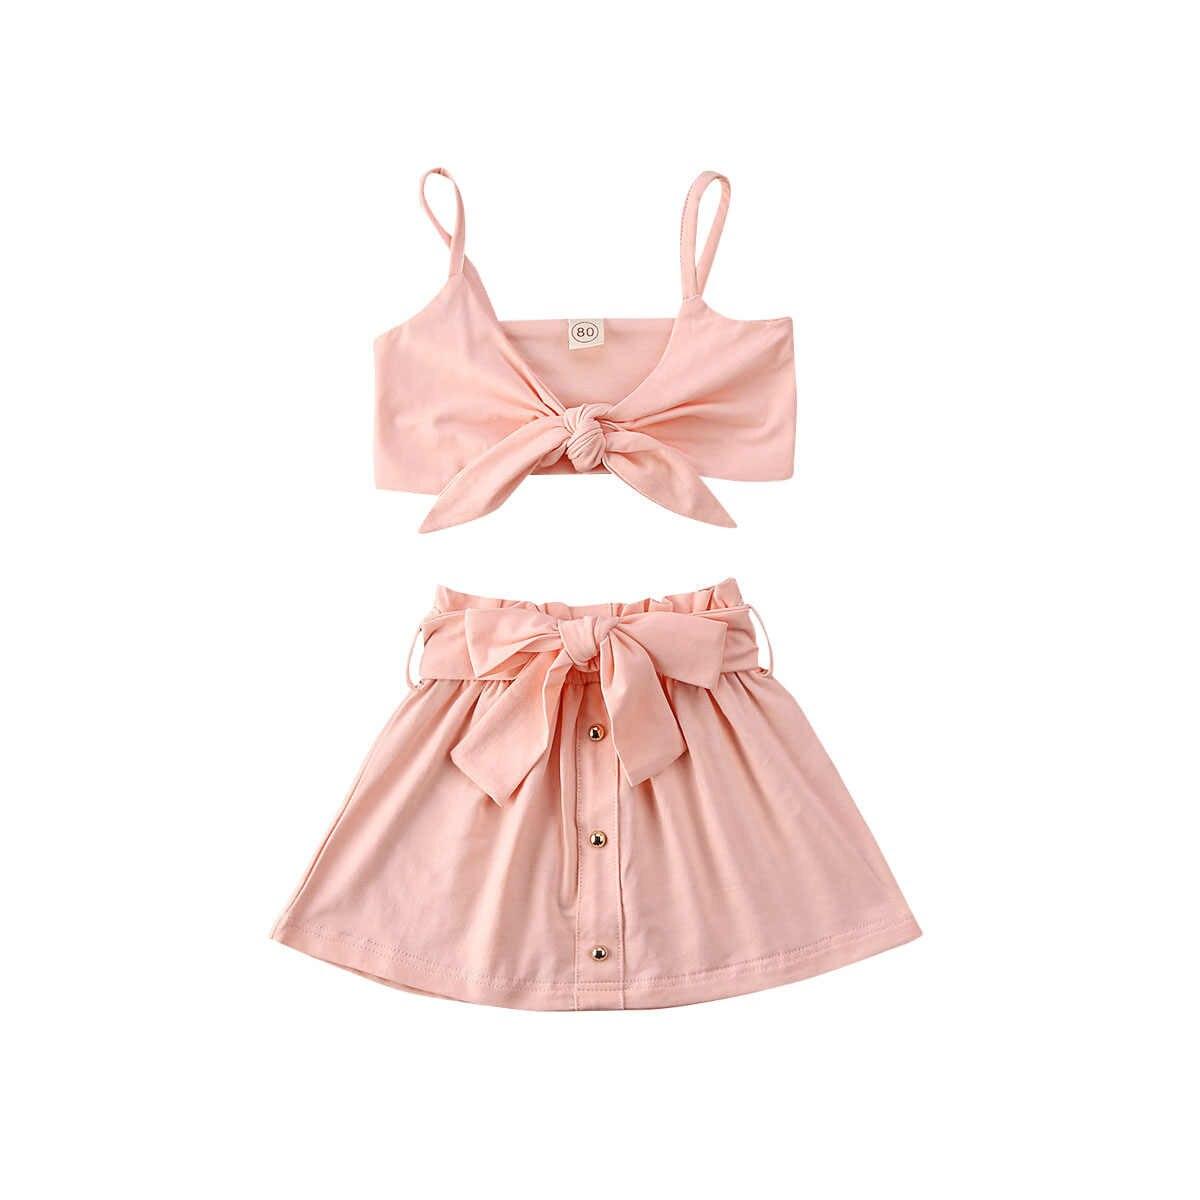 Verano bebé Infante niños niñas conjuntos de ropa Rosa Bowknot camiseta sin mangas camisetas + falda conjuntos de ropa